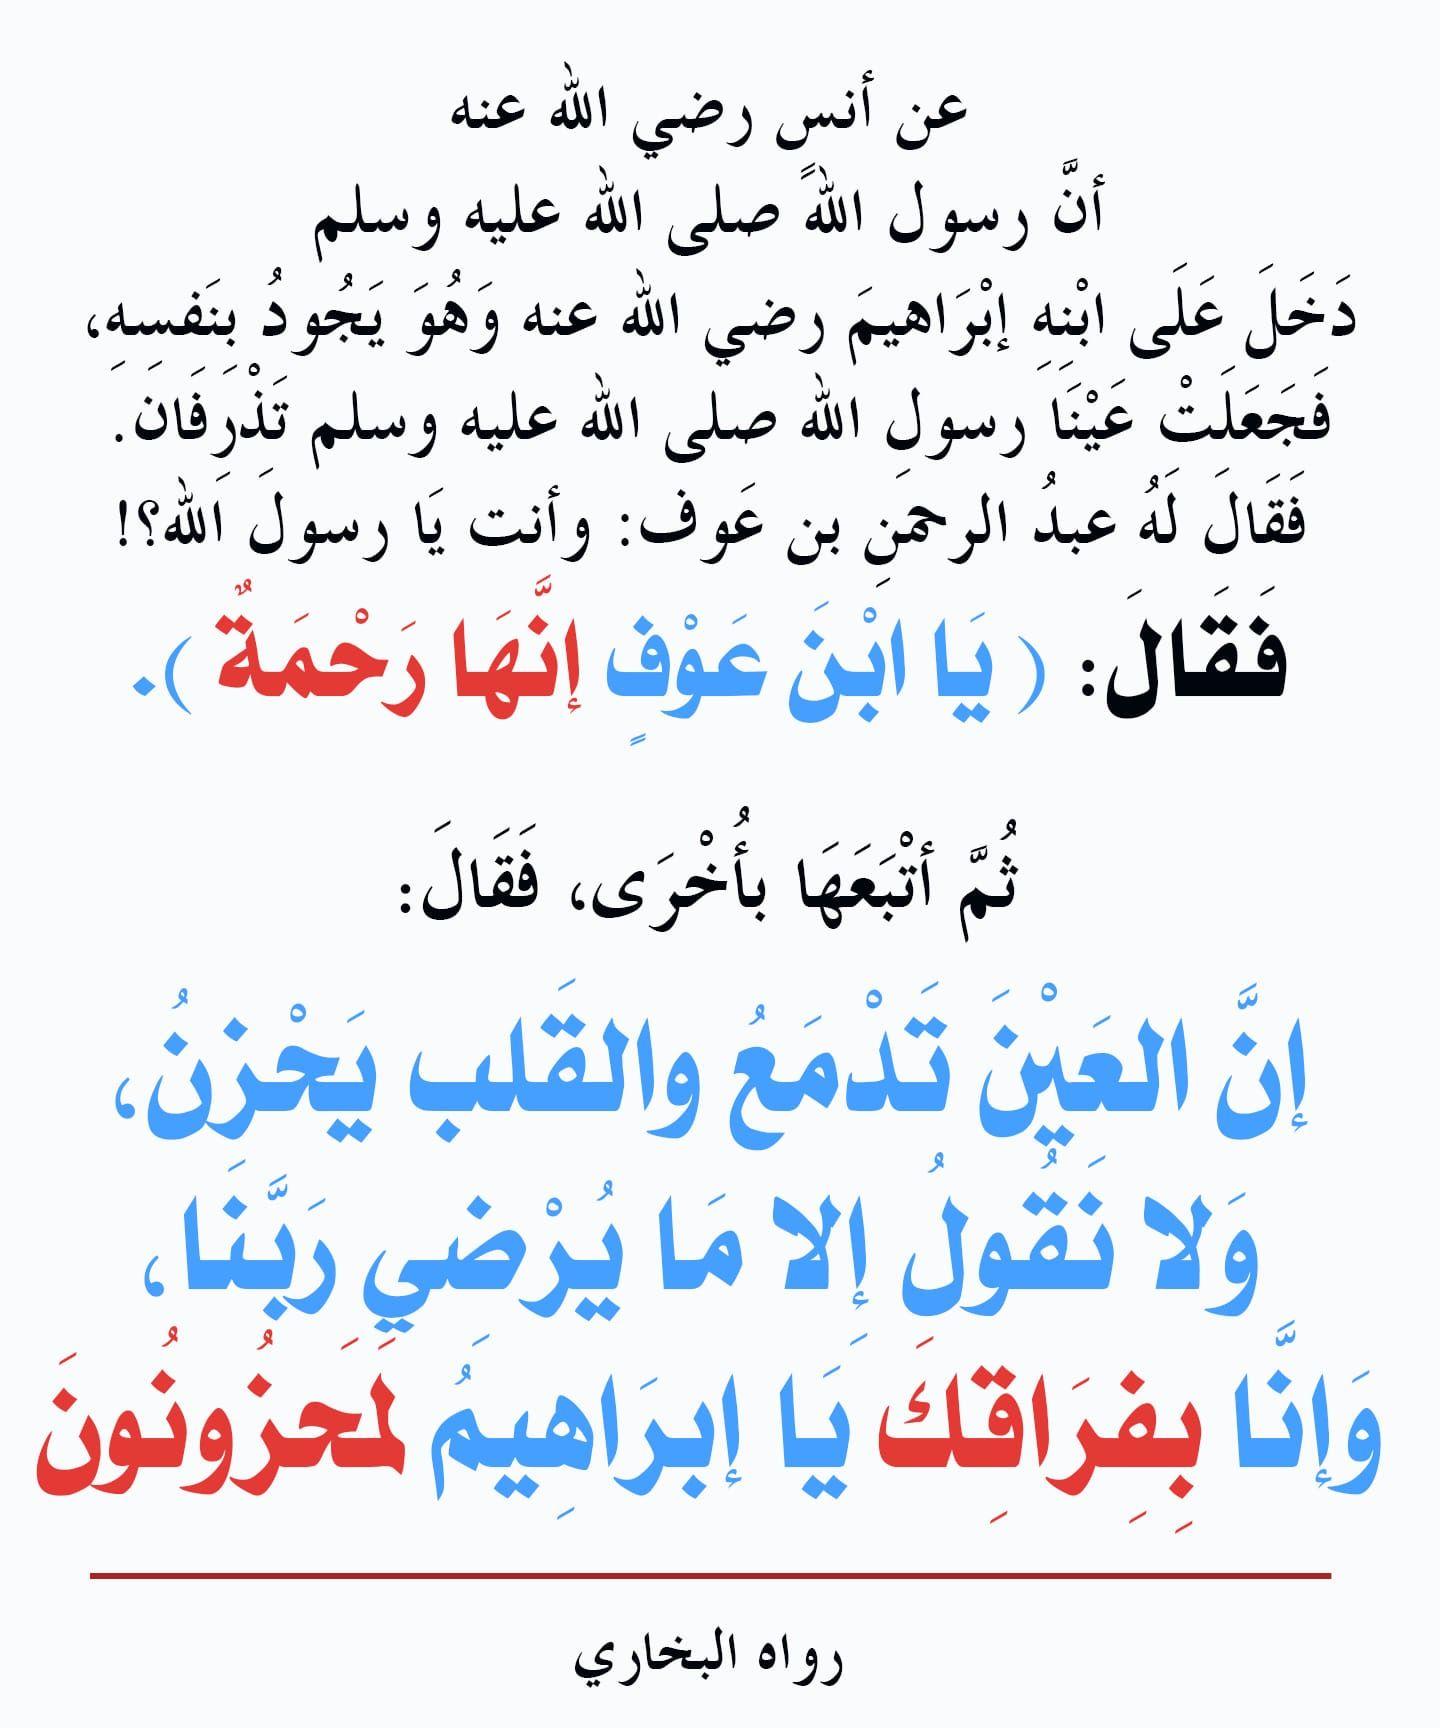 Pin By الأثر الجميل On أحاديث نبوية Hadith Math Duaa Islam